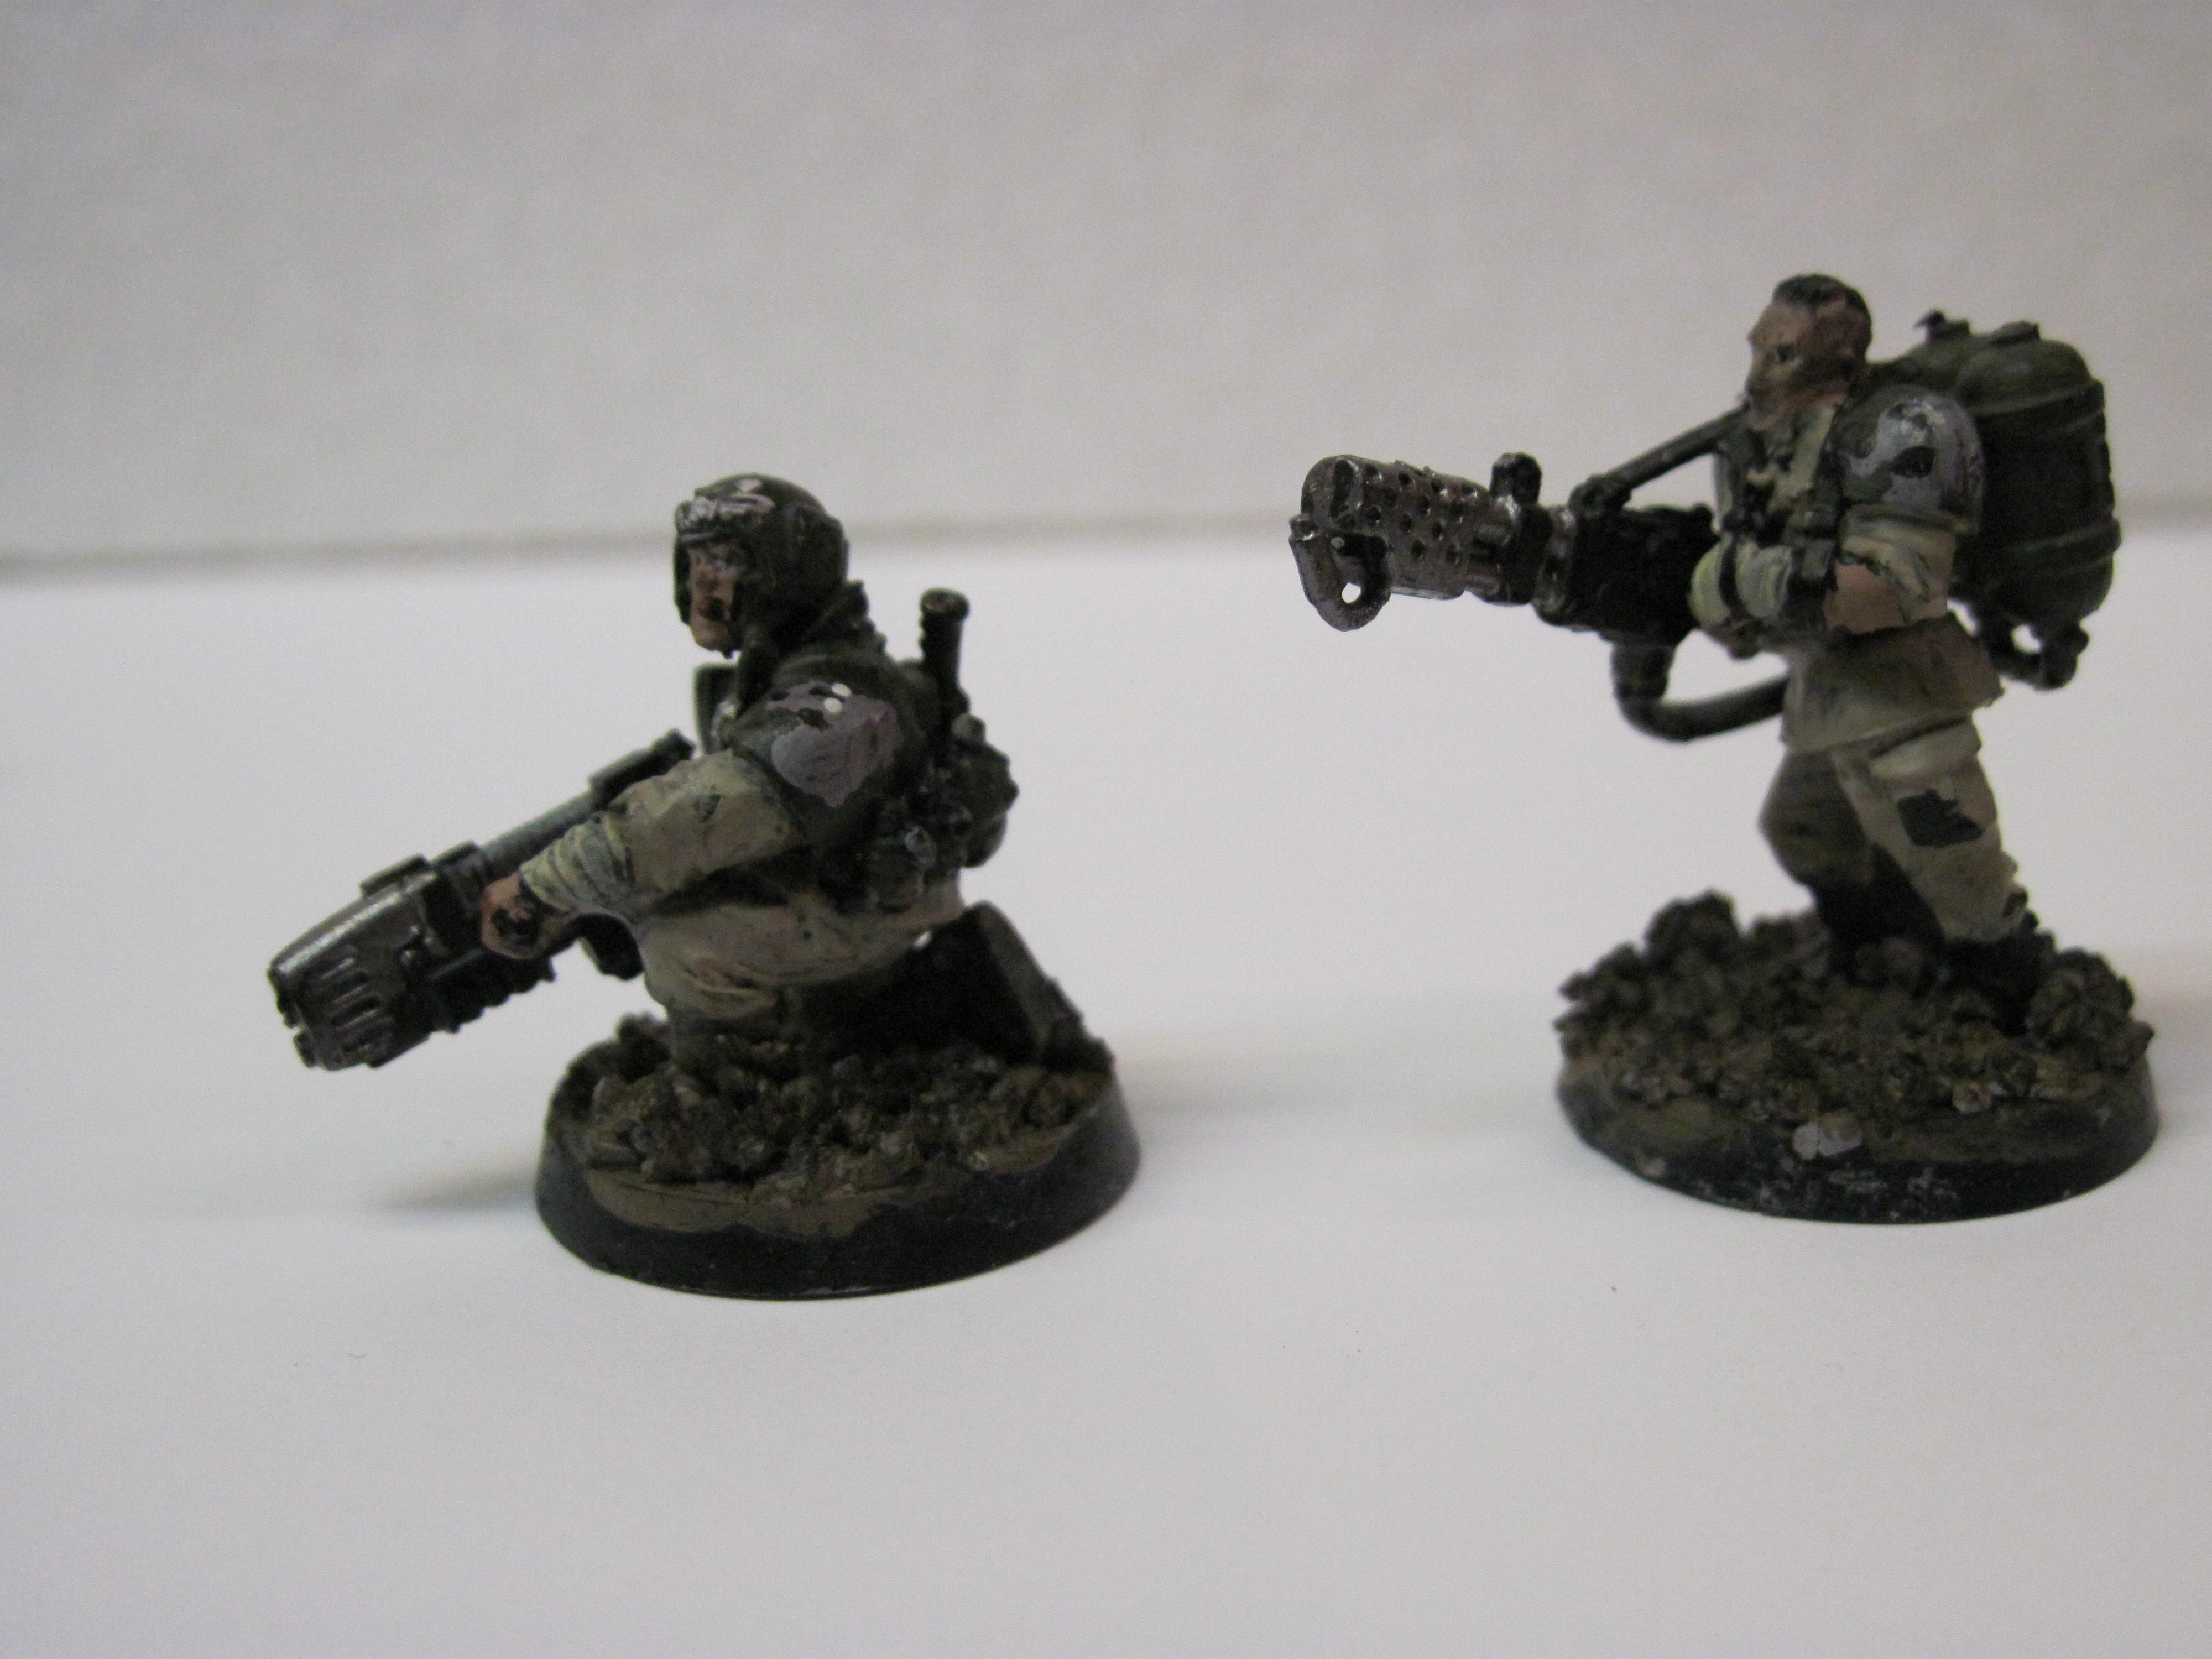 Regimental Medic and grenade launcher